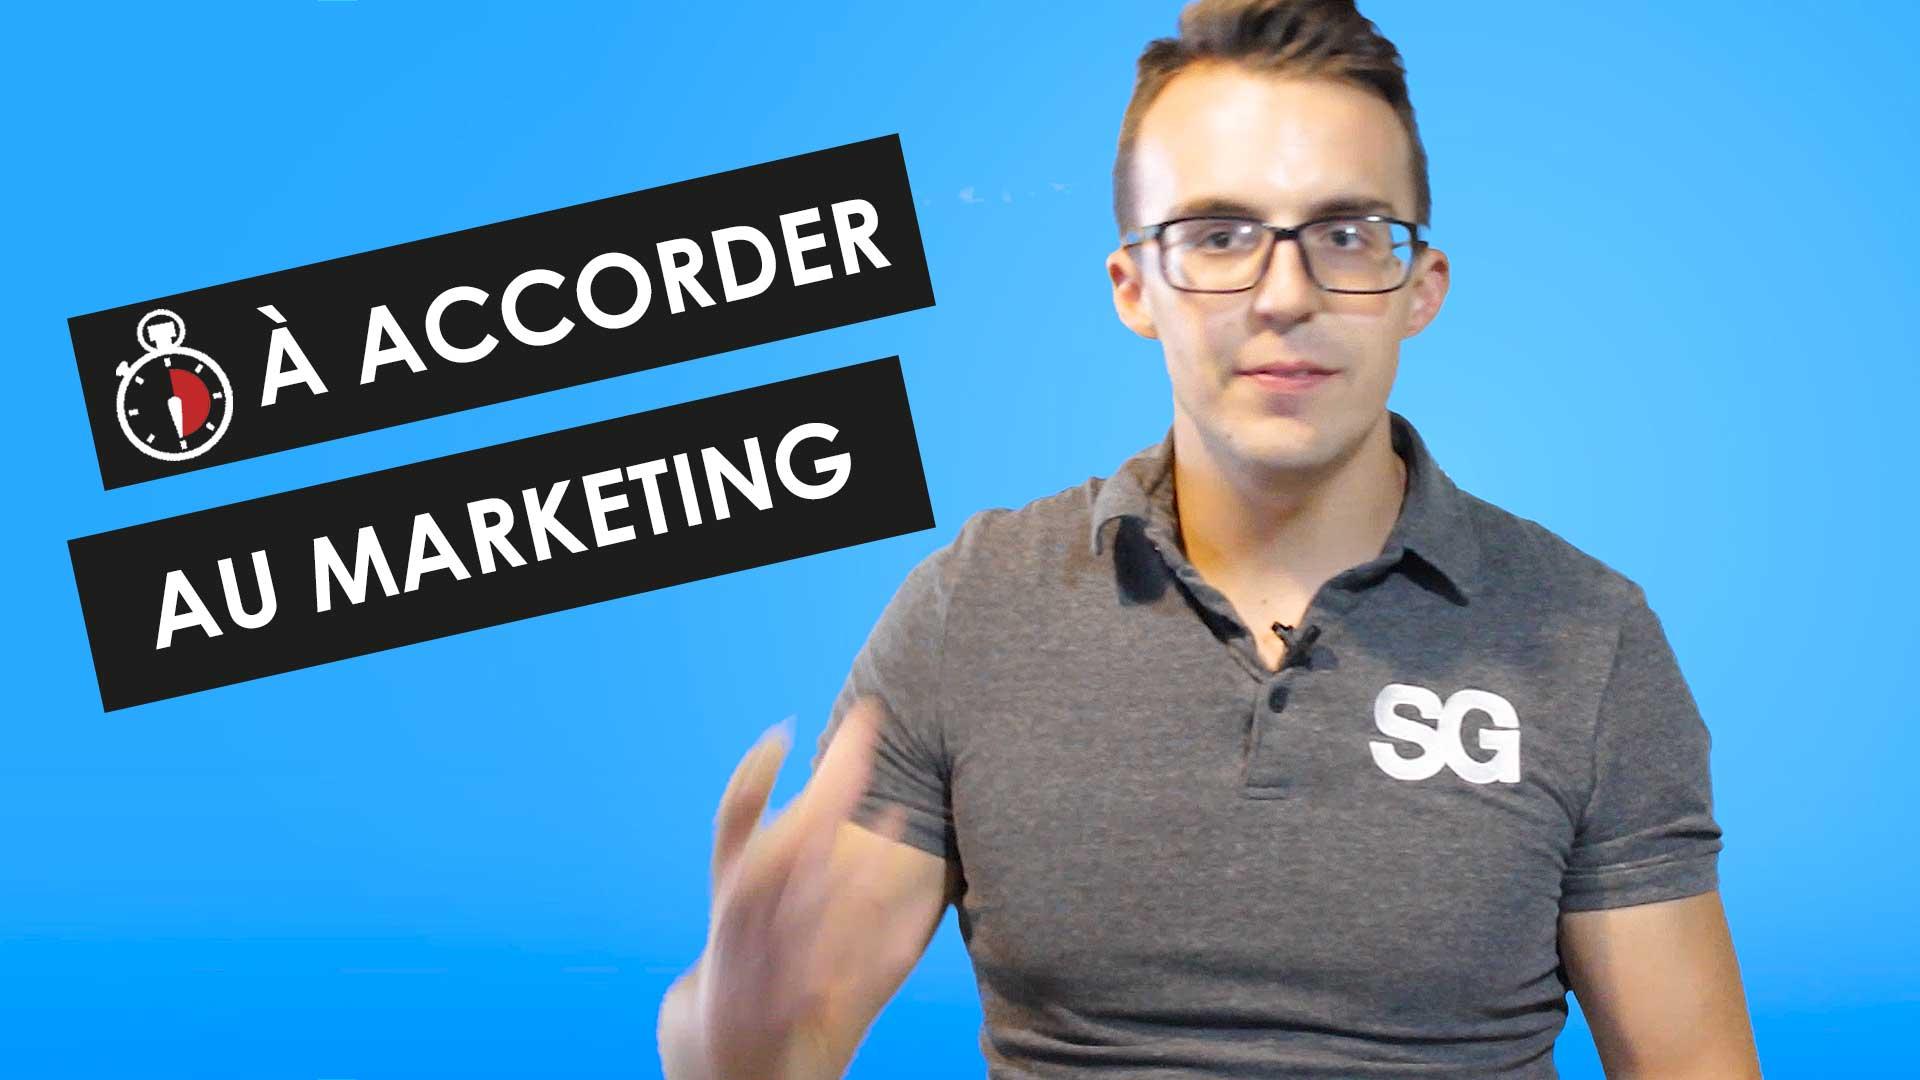 Combien de temps devriez-vous accorder au marketing de votre entreprise | Studio Grafik